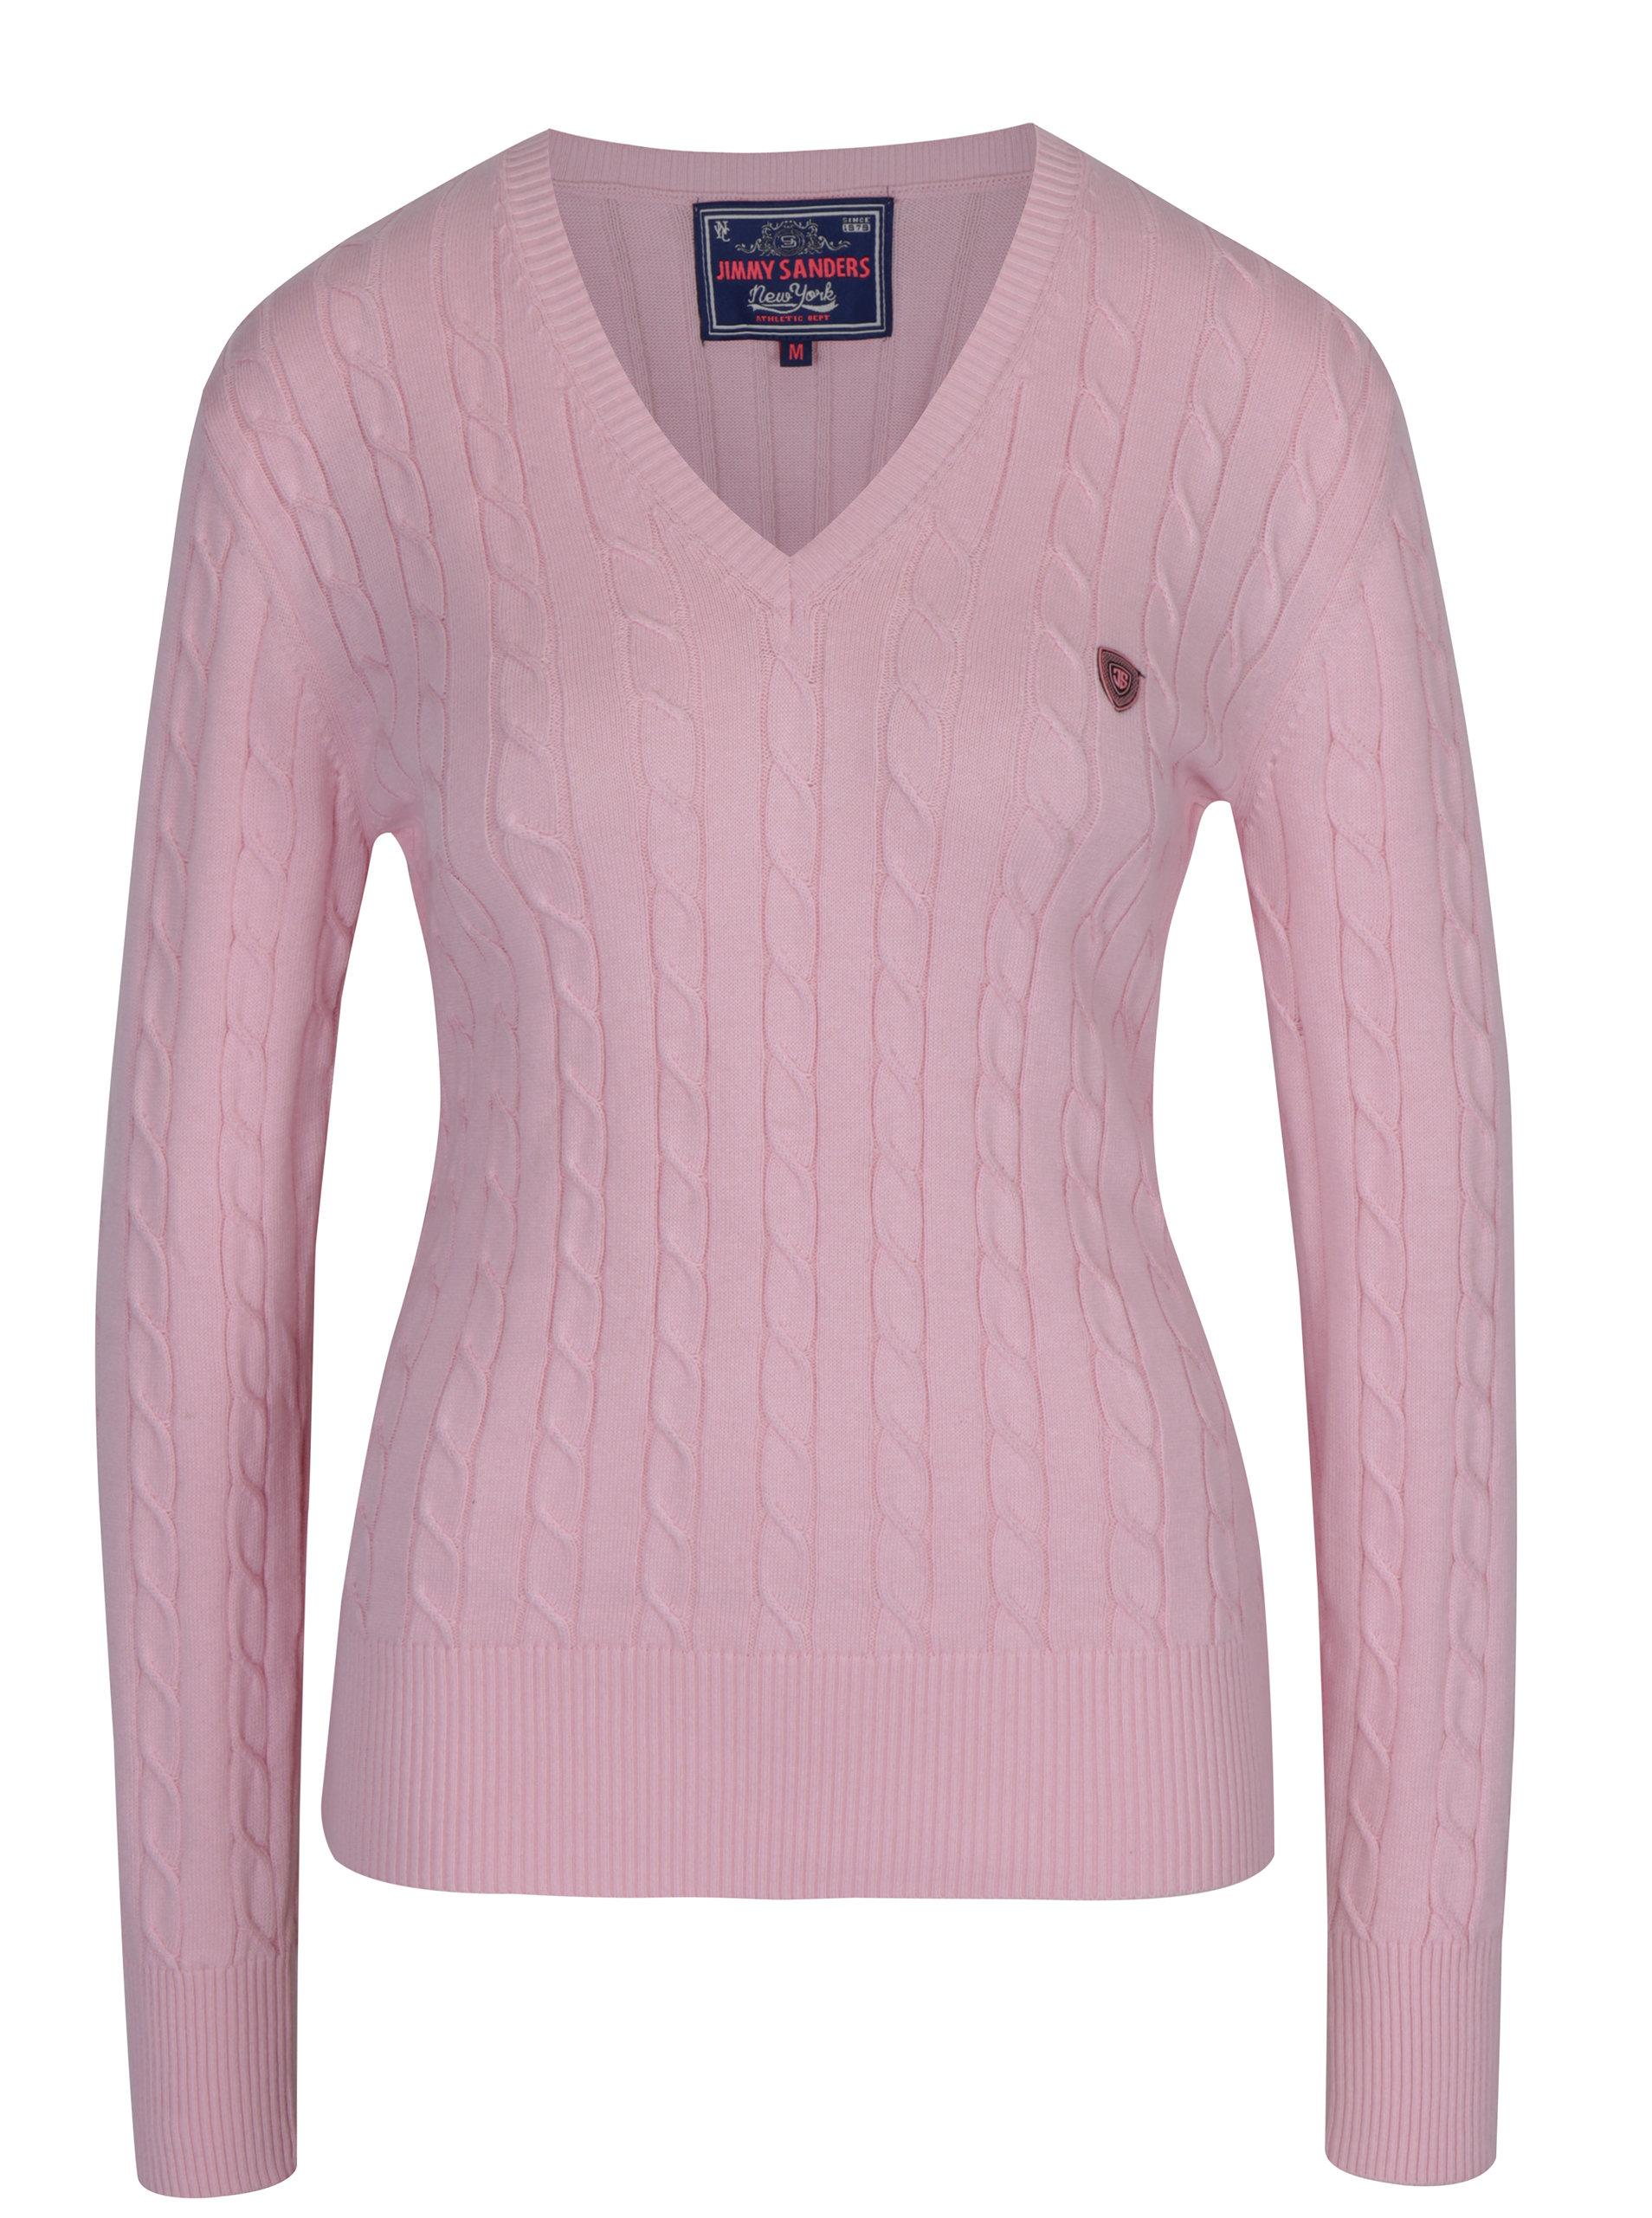 Světle růžový dámský svetr s véčkovým výstřihem Jimmy Sanders ... 65d26d65eb